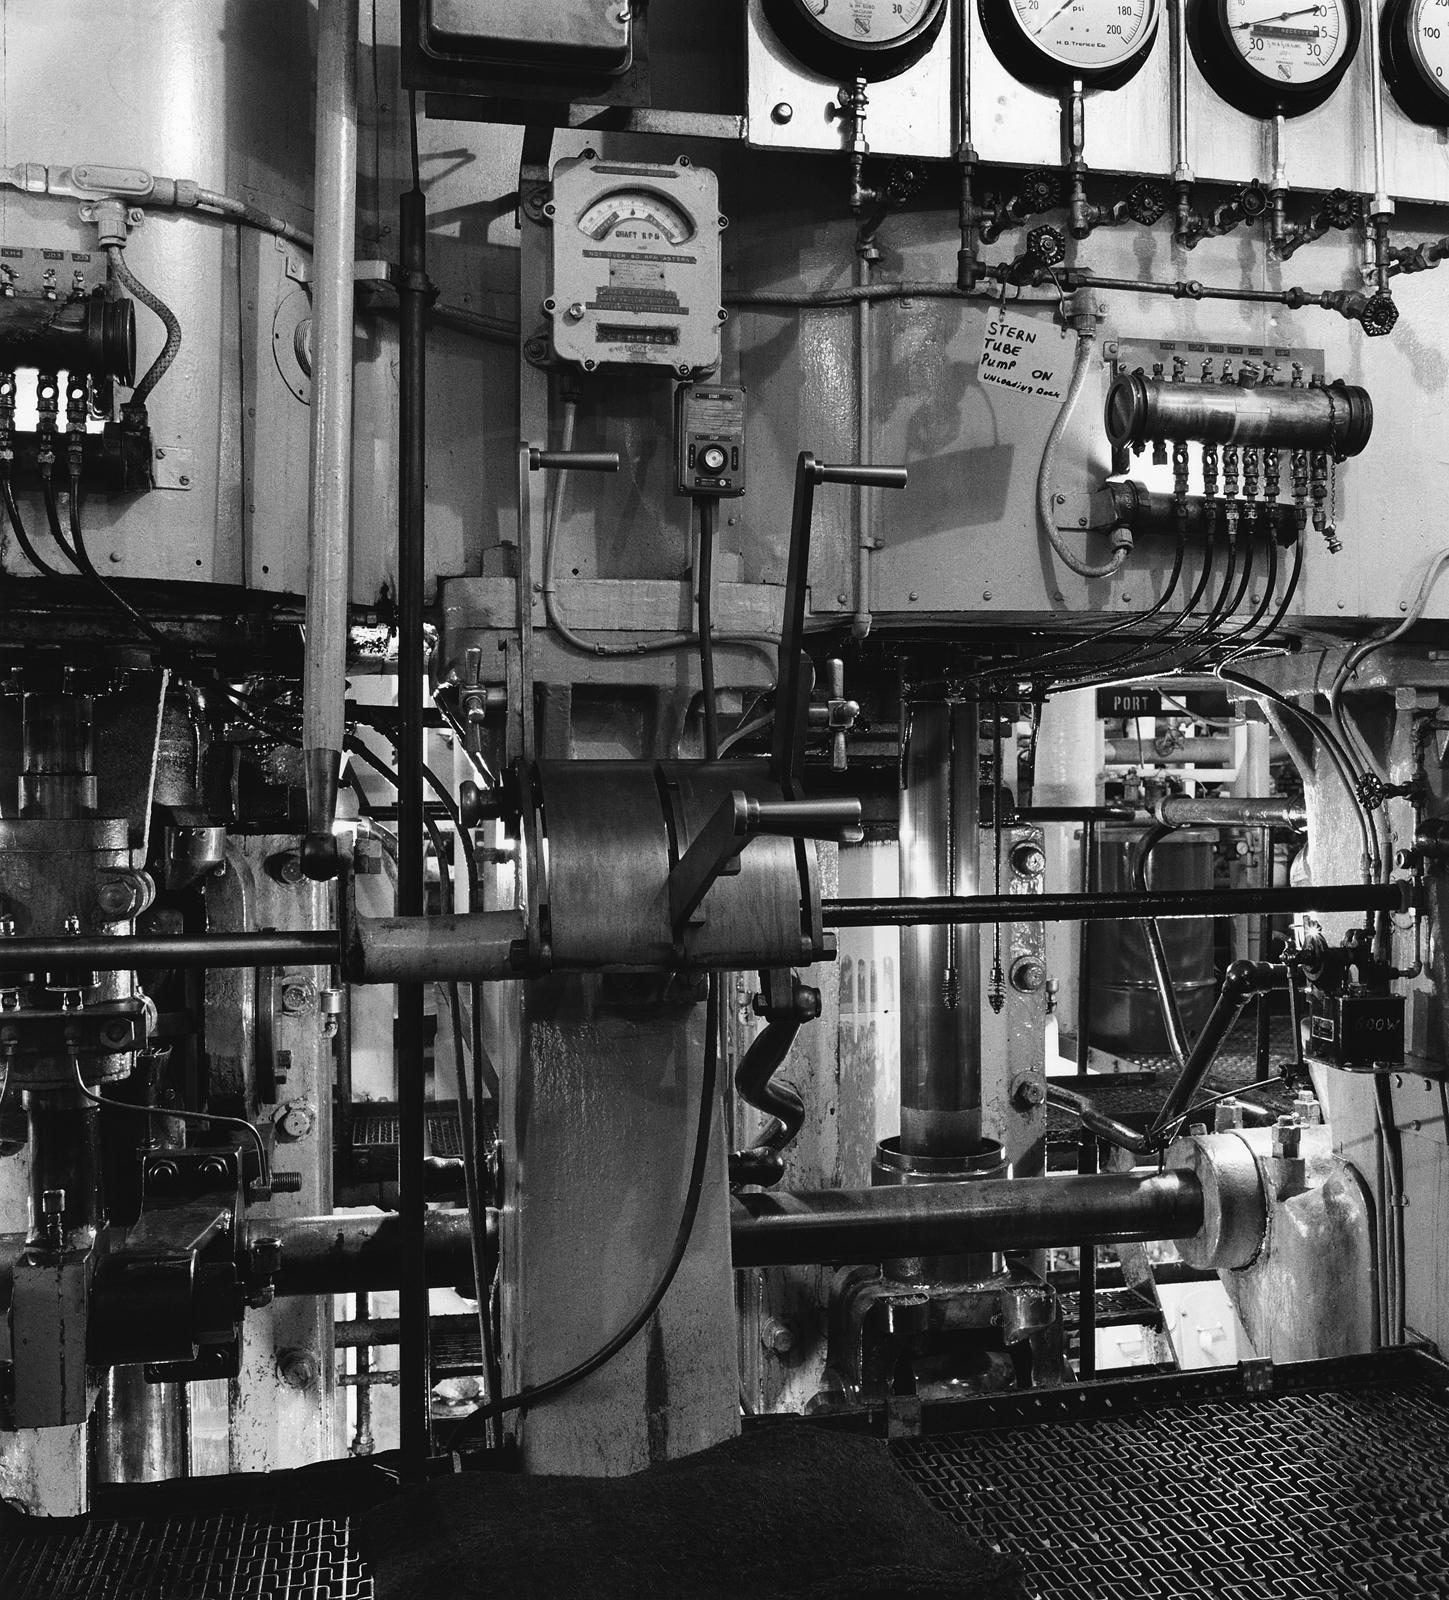 Engine Room, Steamer Crispin Oglebay, 1990